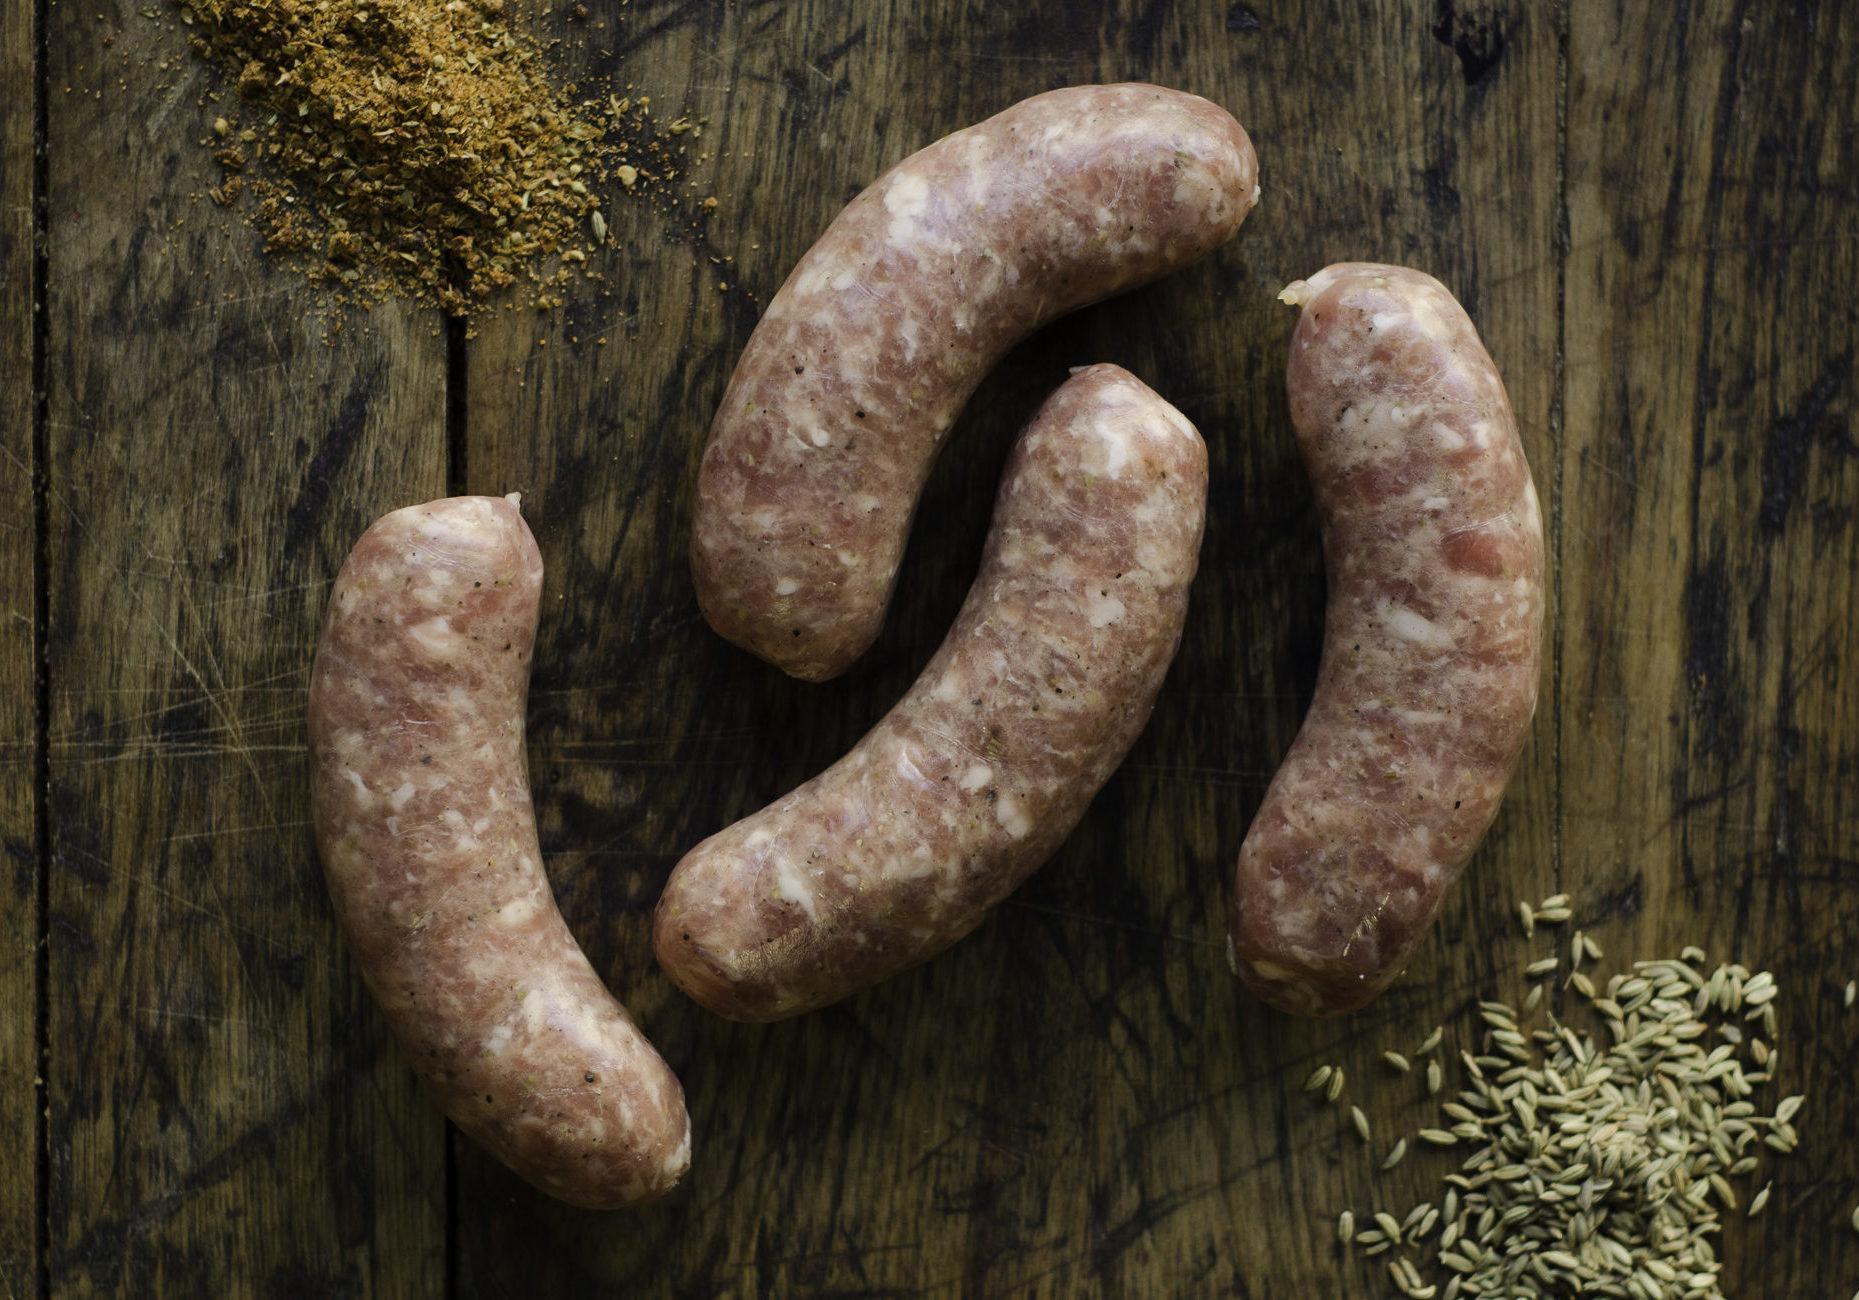 Sweet Italian Sausage Parma Sausage Co